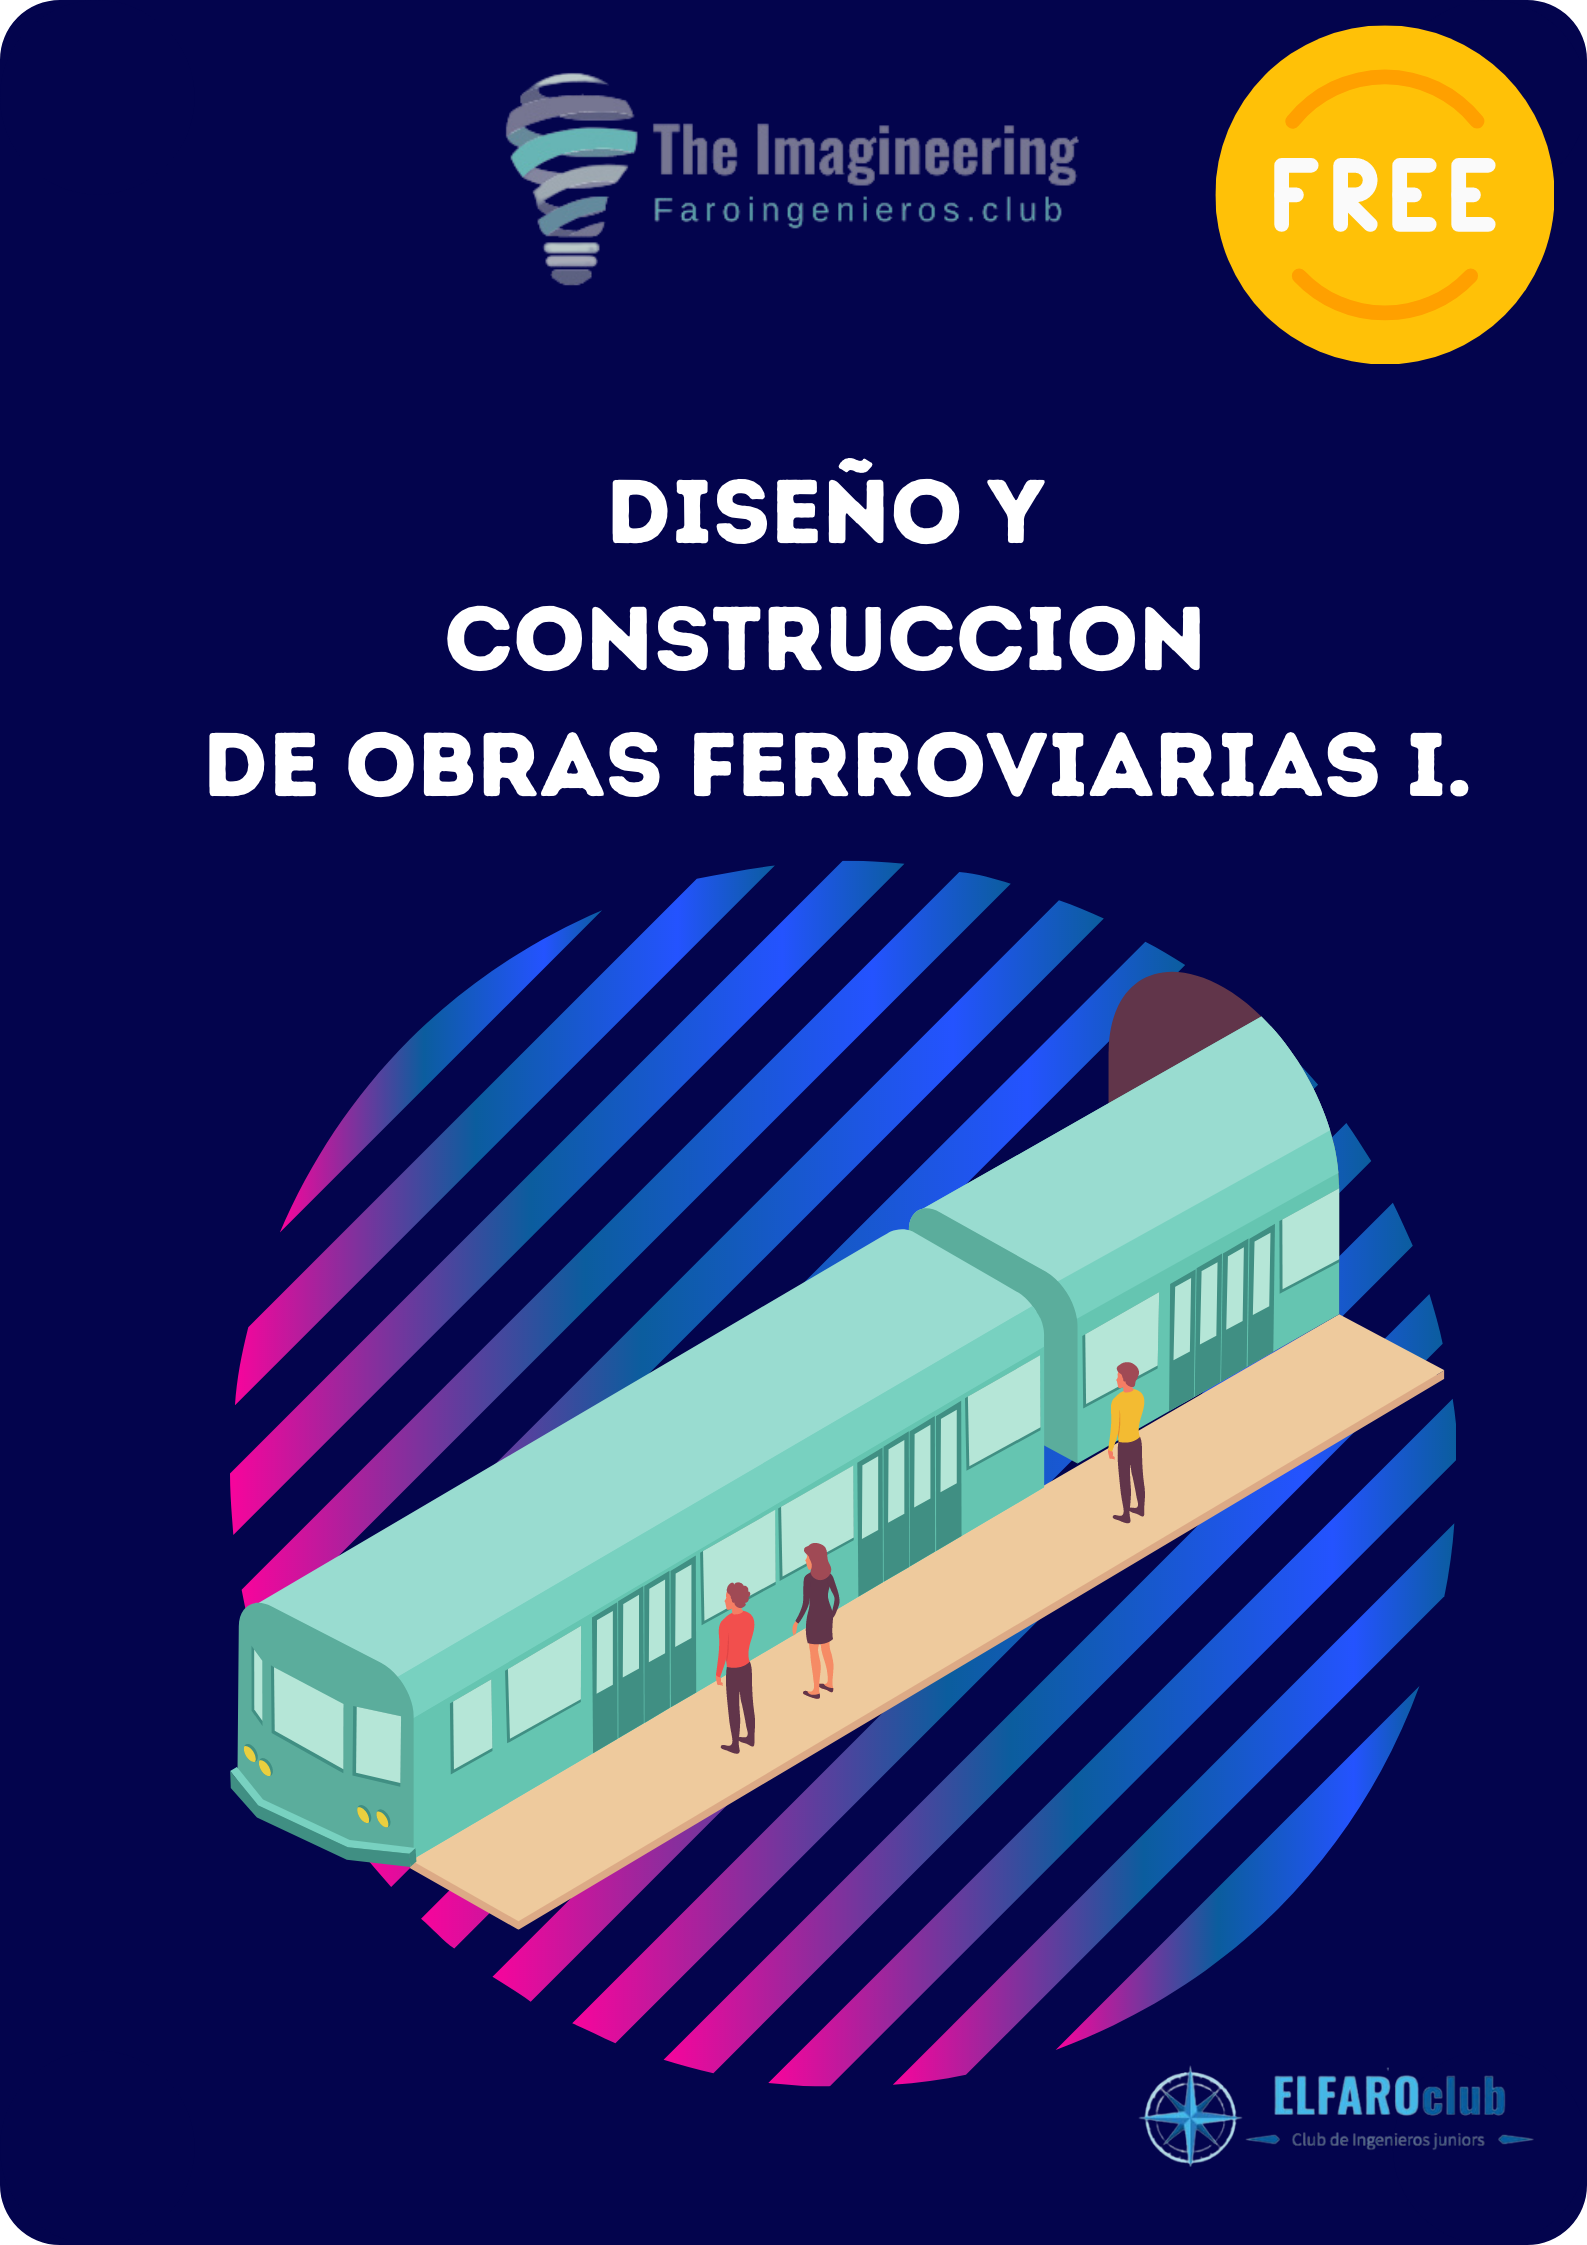 diseño y construccion de obras ferroviaras 1